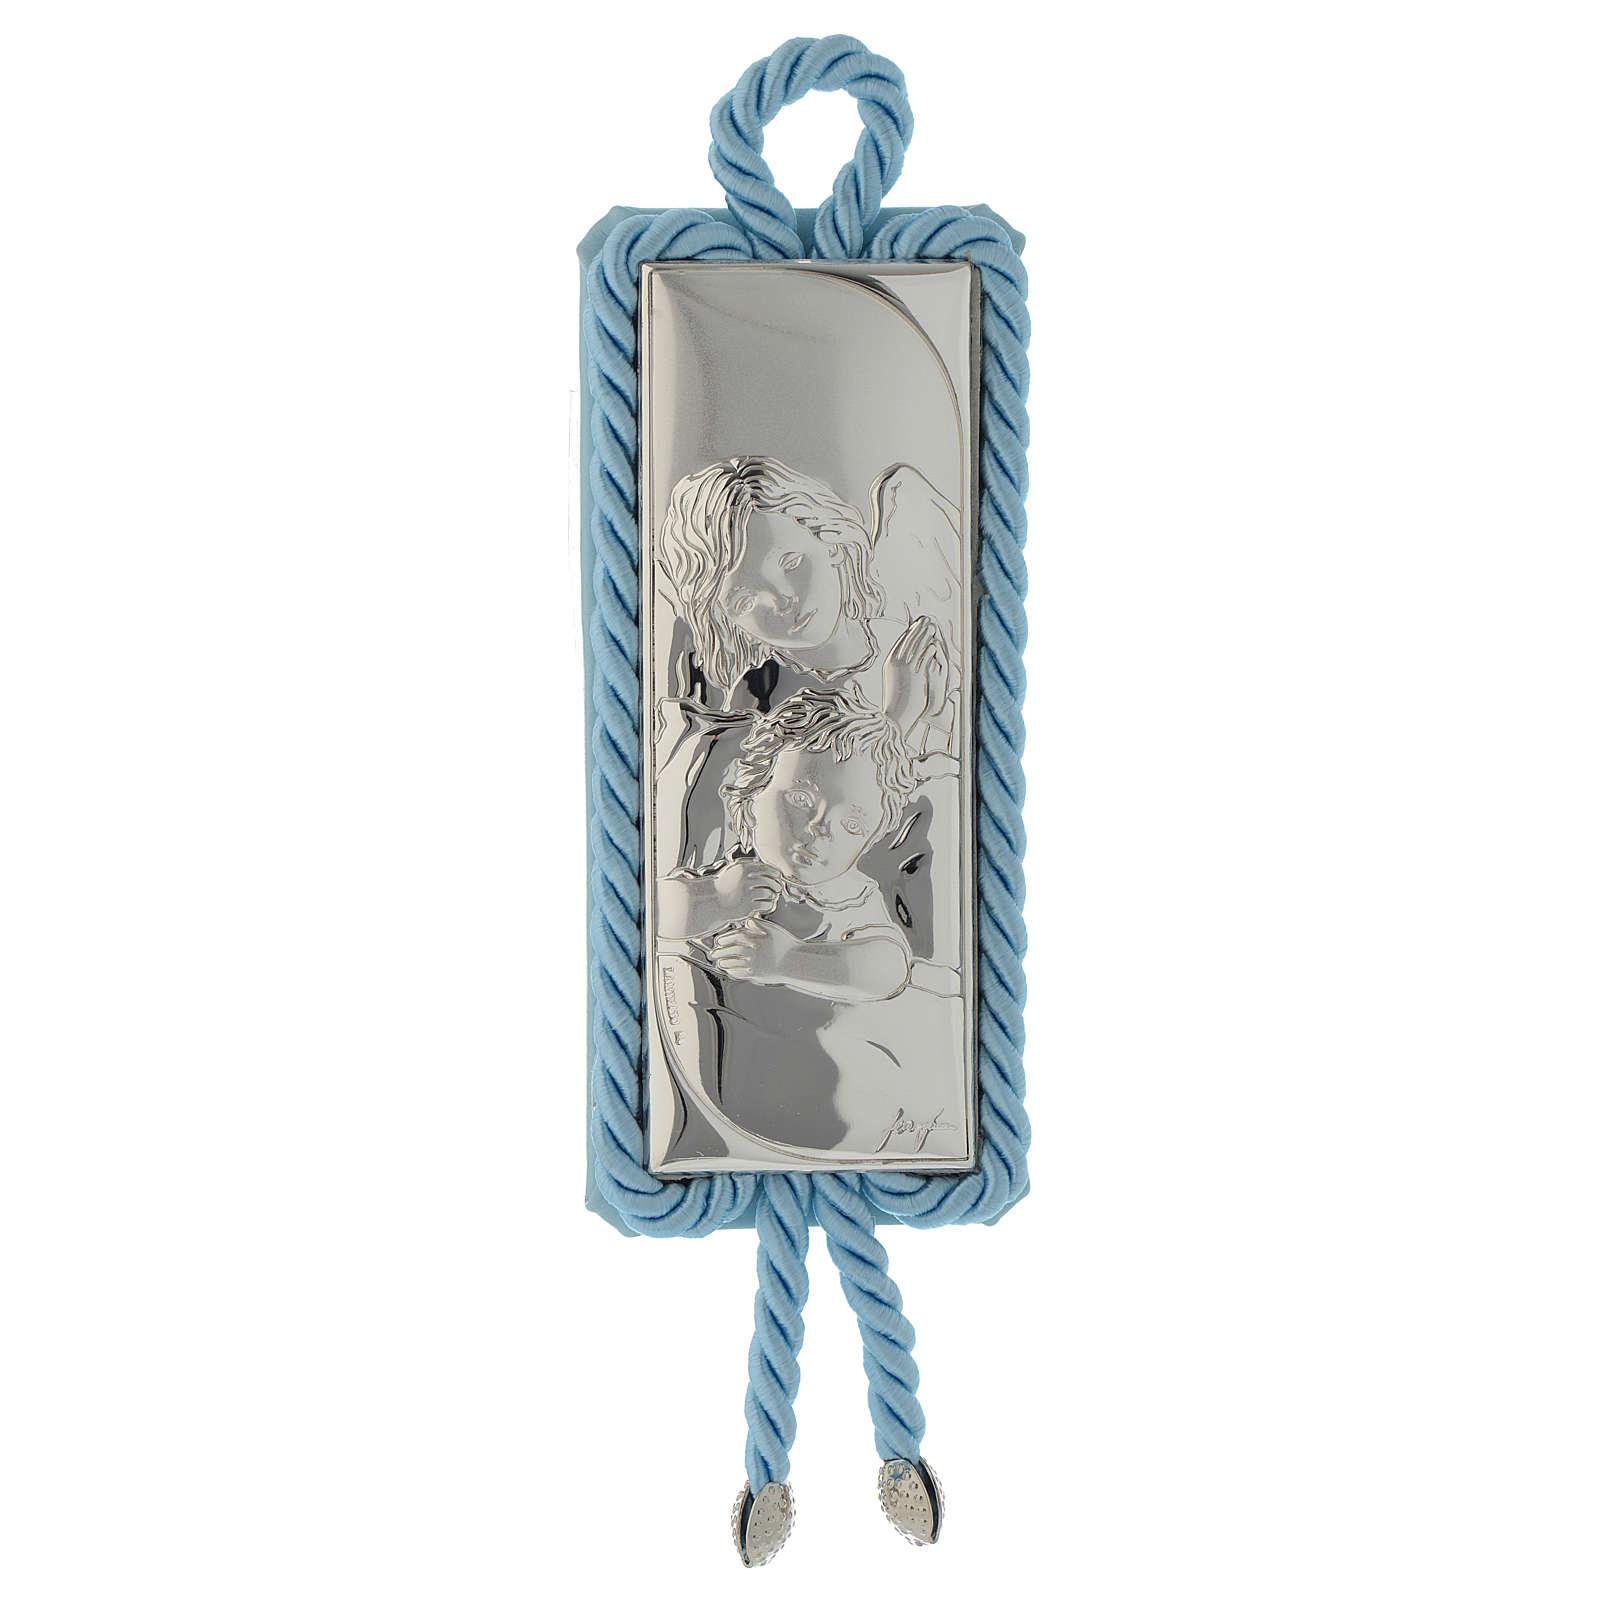 Sopraculla rettangolare Argento e stoffa Angioletto azzurro 4